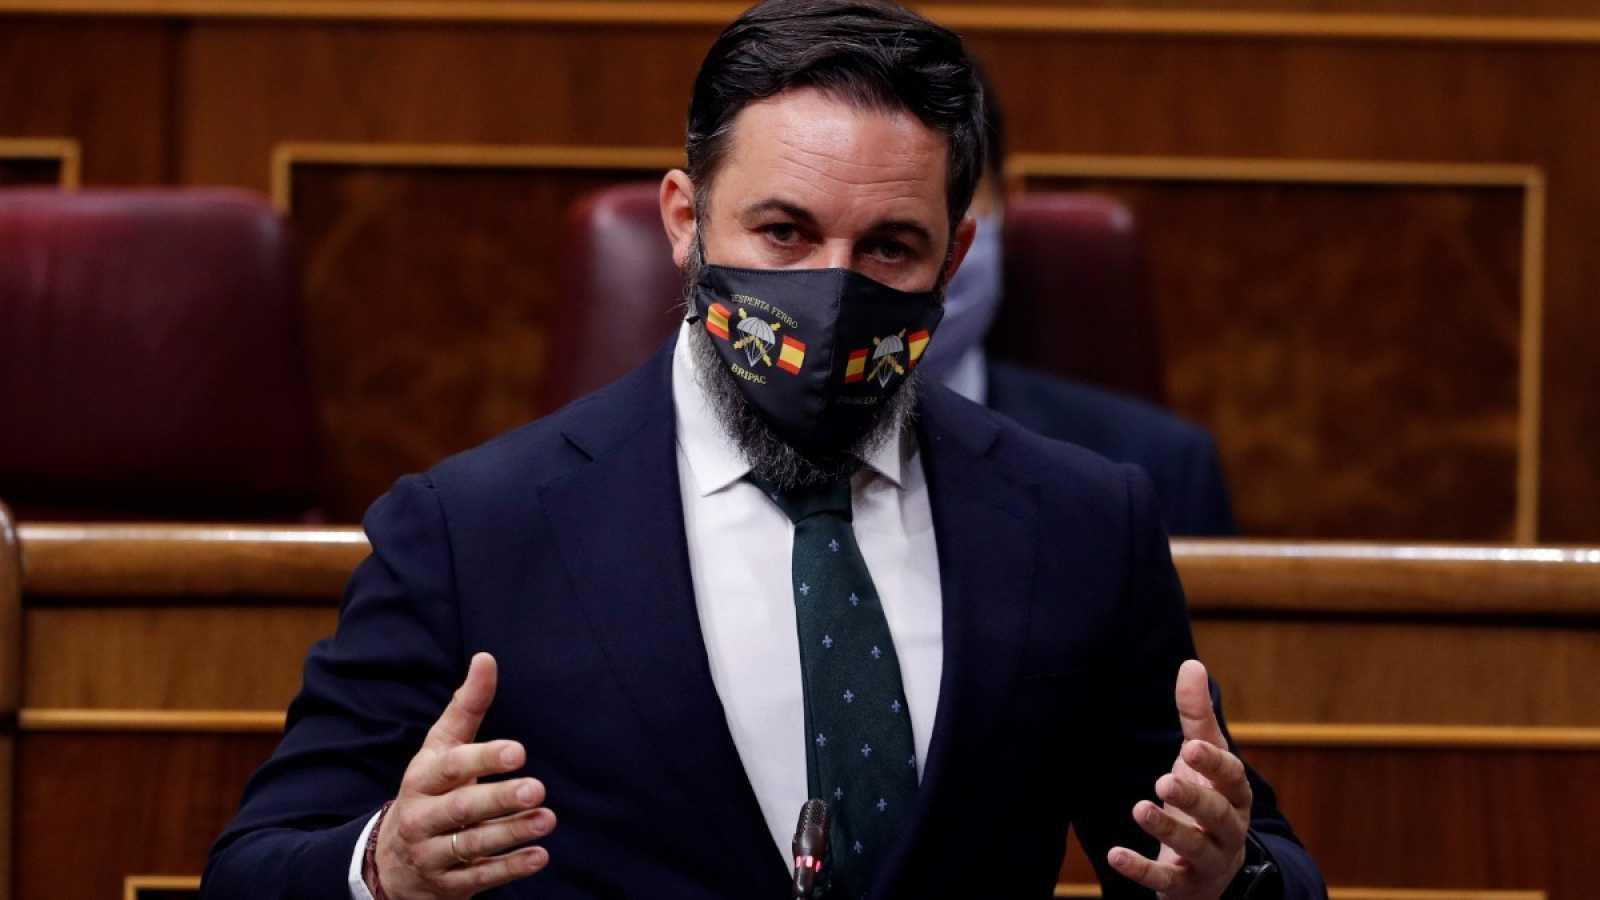 El líder de Vox, Santiago Abascal, en el Congreso